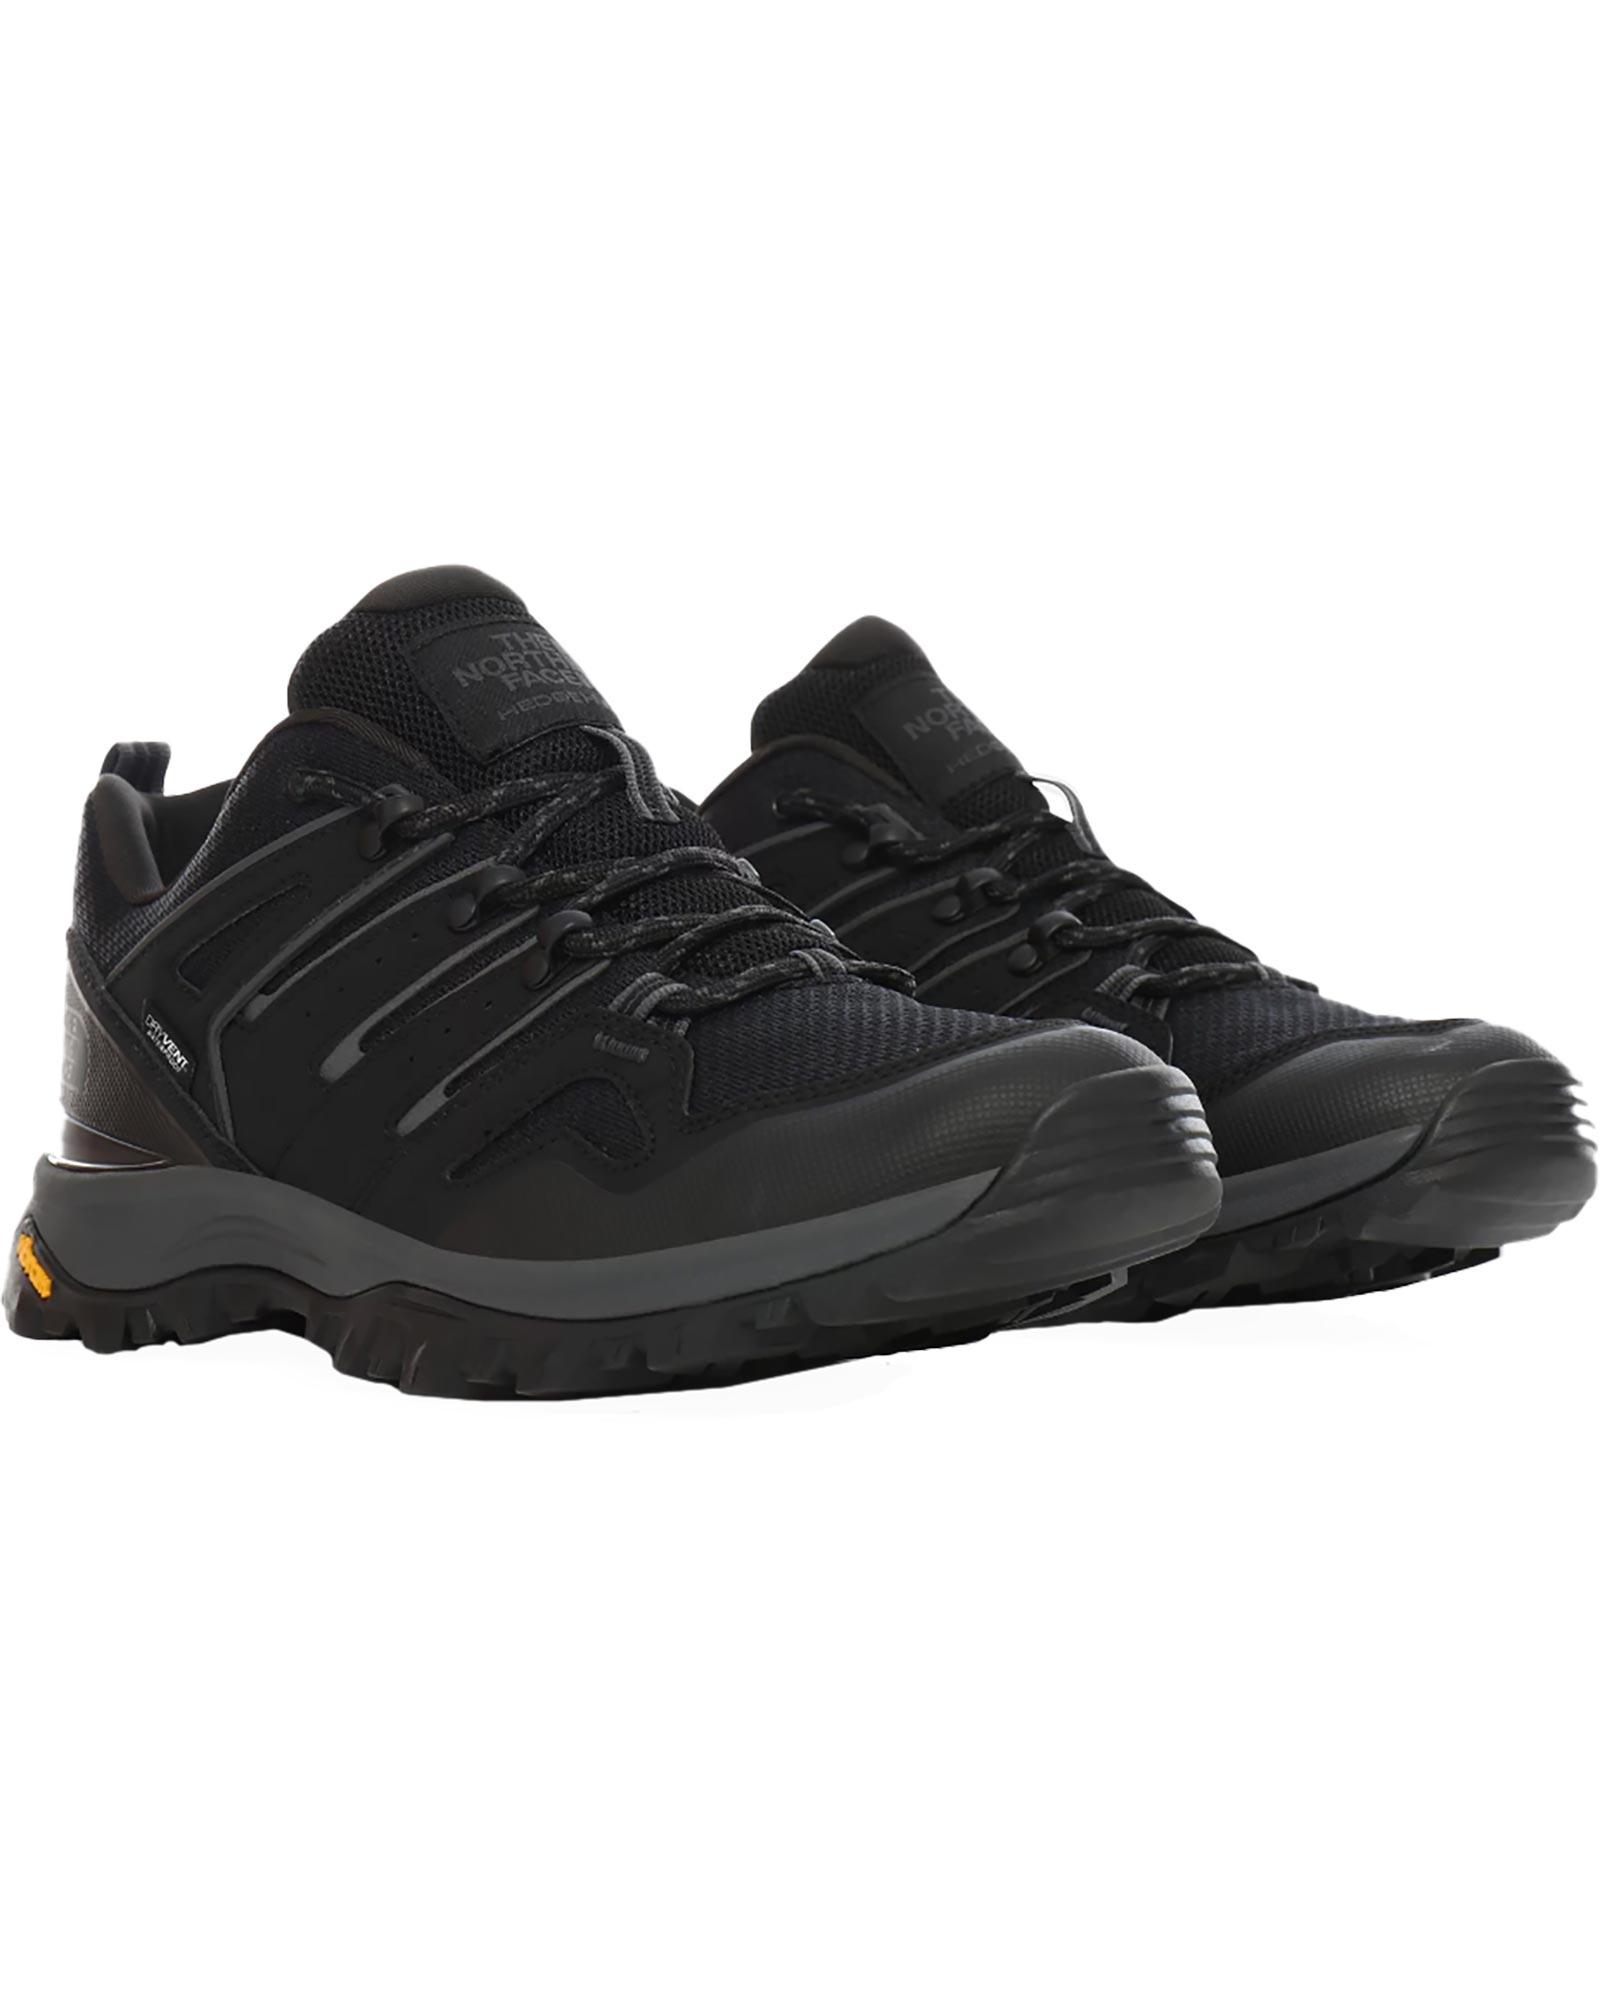 The North Face Men's Hedgehog Fastpack II Waterproof Walking Shoes 0